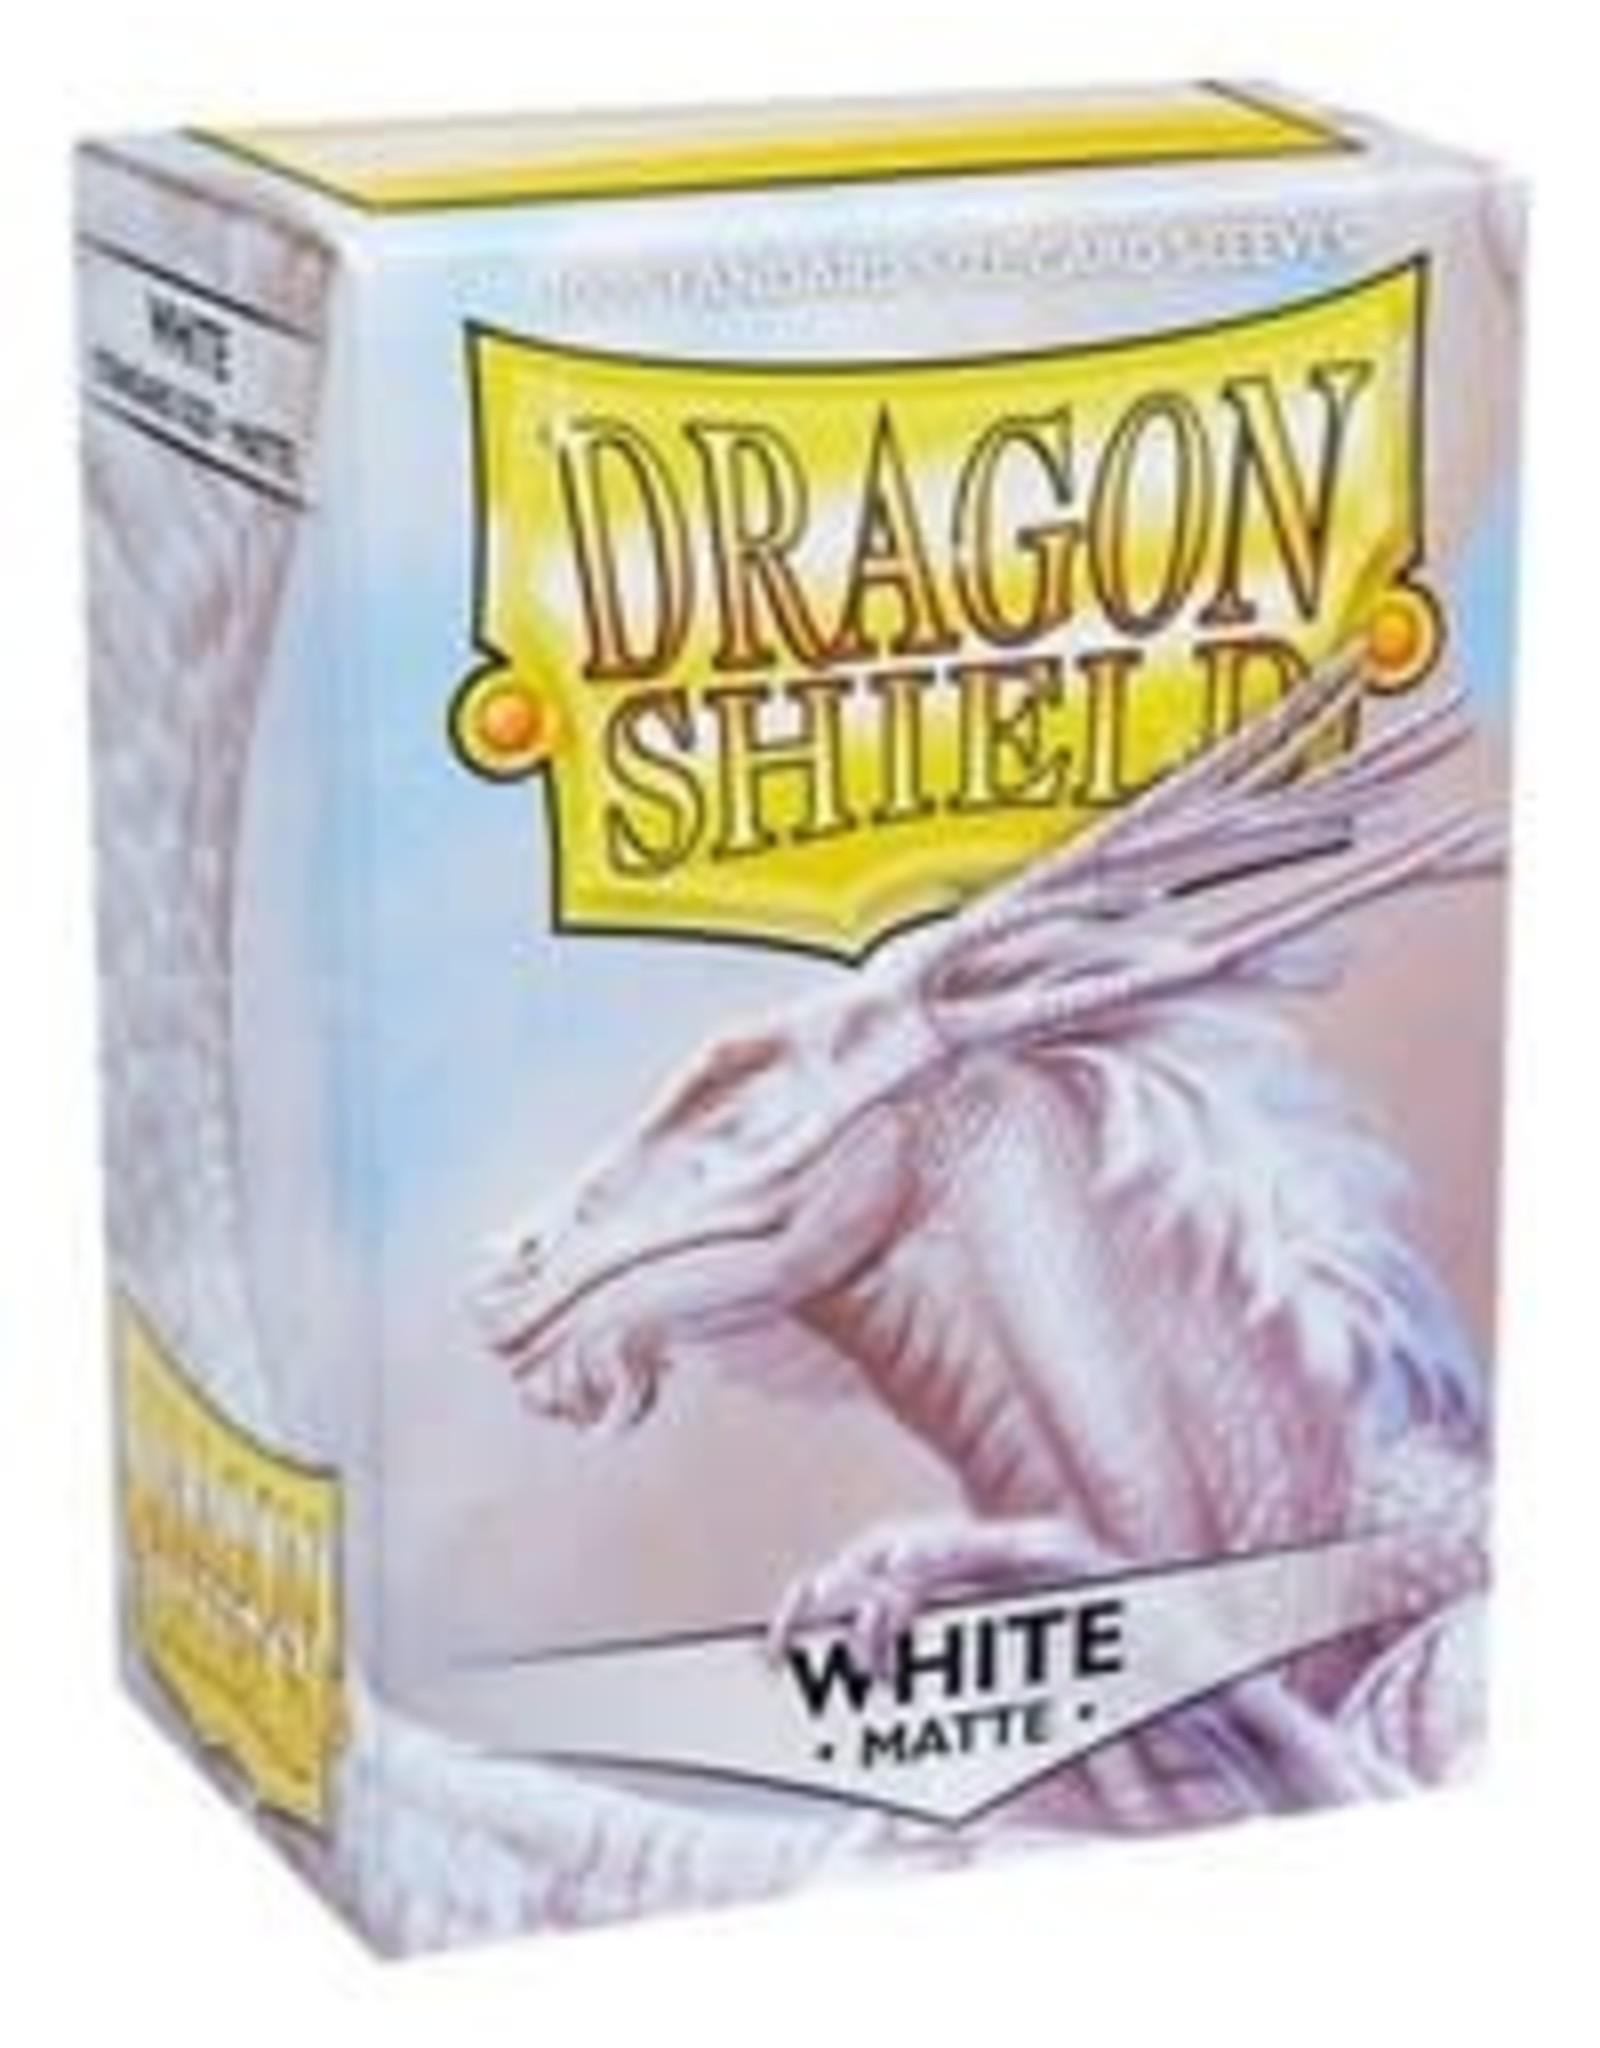 Dragon Shield Dragon Shields: (100) Matte White